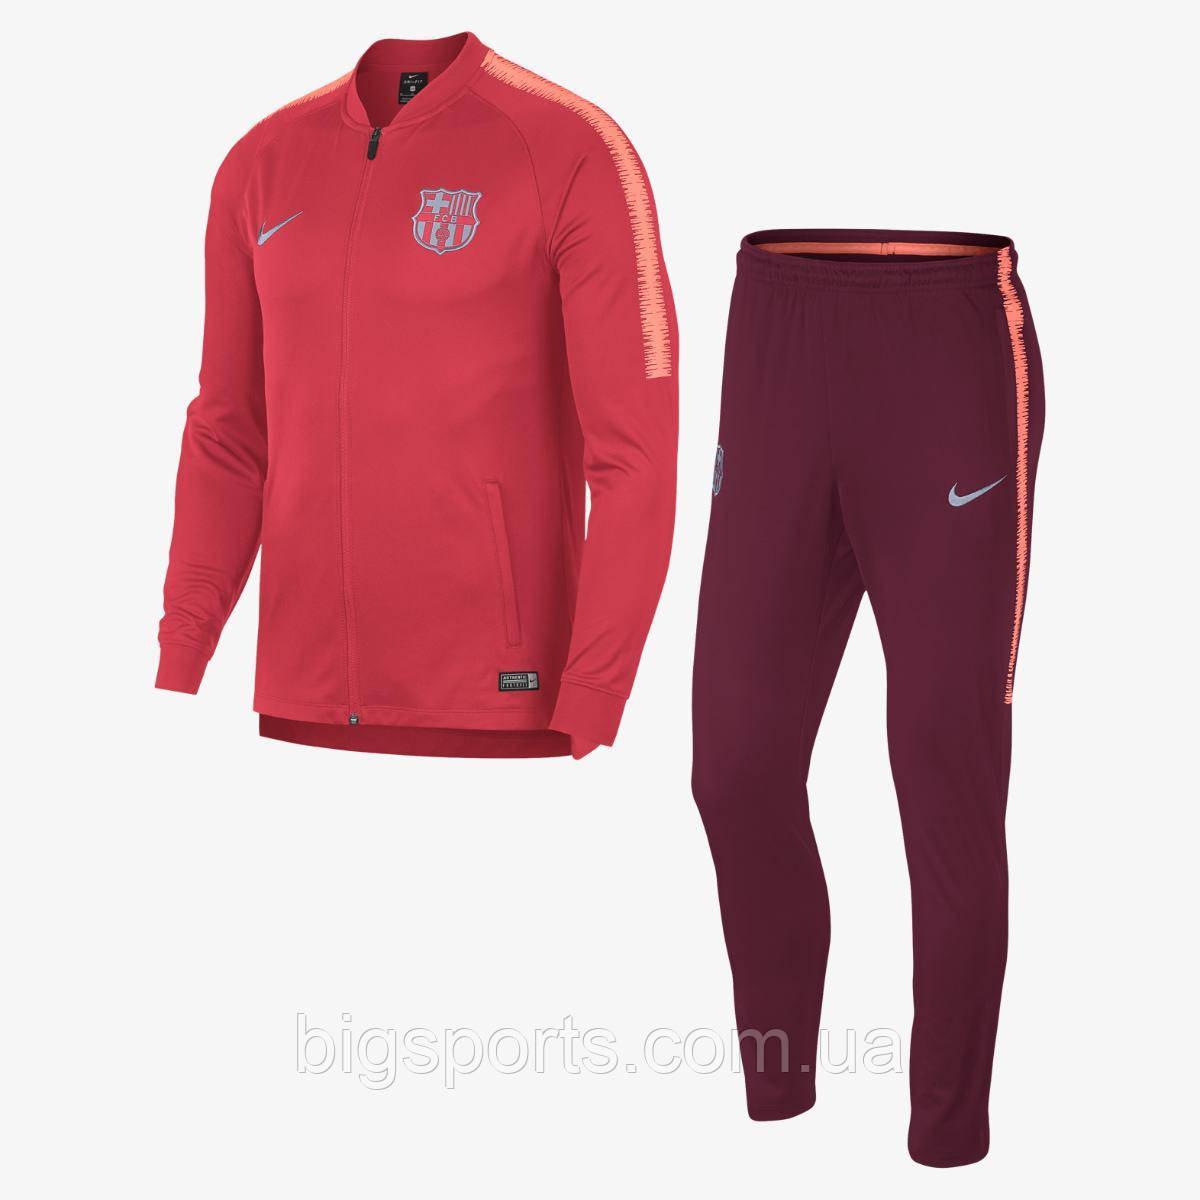 Спортивный костюм муж. Nike Fcb M Nk Dry Sqd Trk Suit K (арт. 894341-691), фото 1